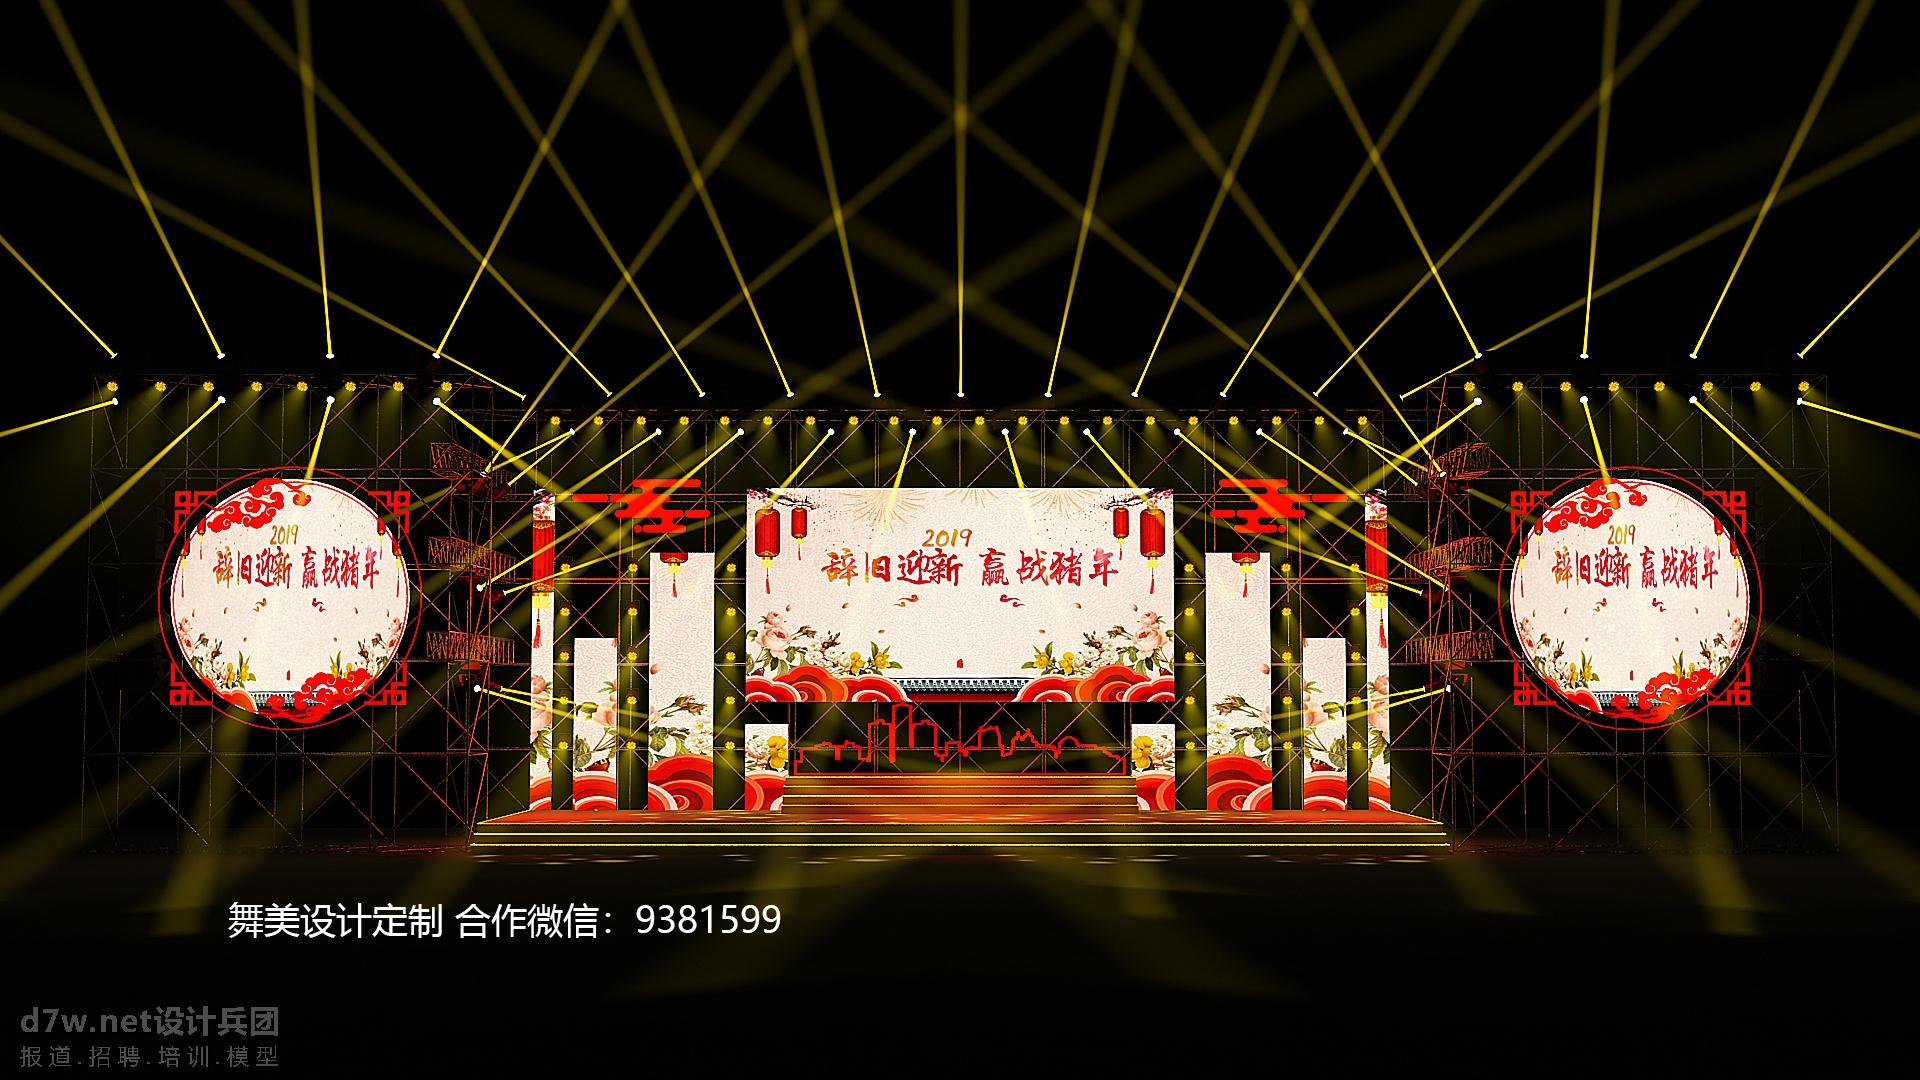 2019年会舞美 2020年会舞美 年会舞美设计 年会舞台设计 年会舞美定制 年会舞台定制 猪年舞美设计 舞美效果 ...